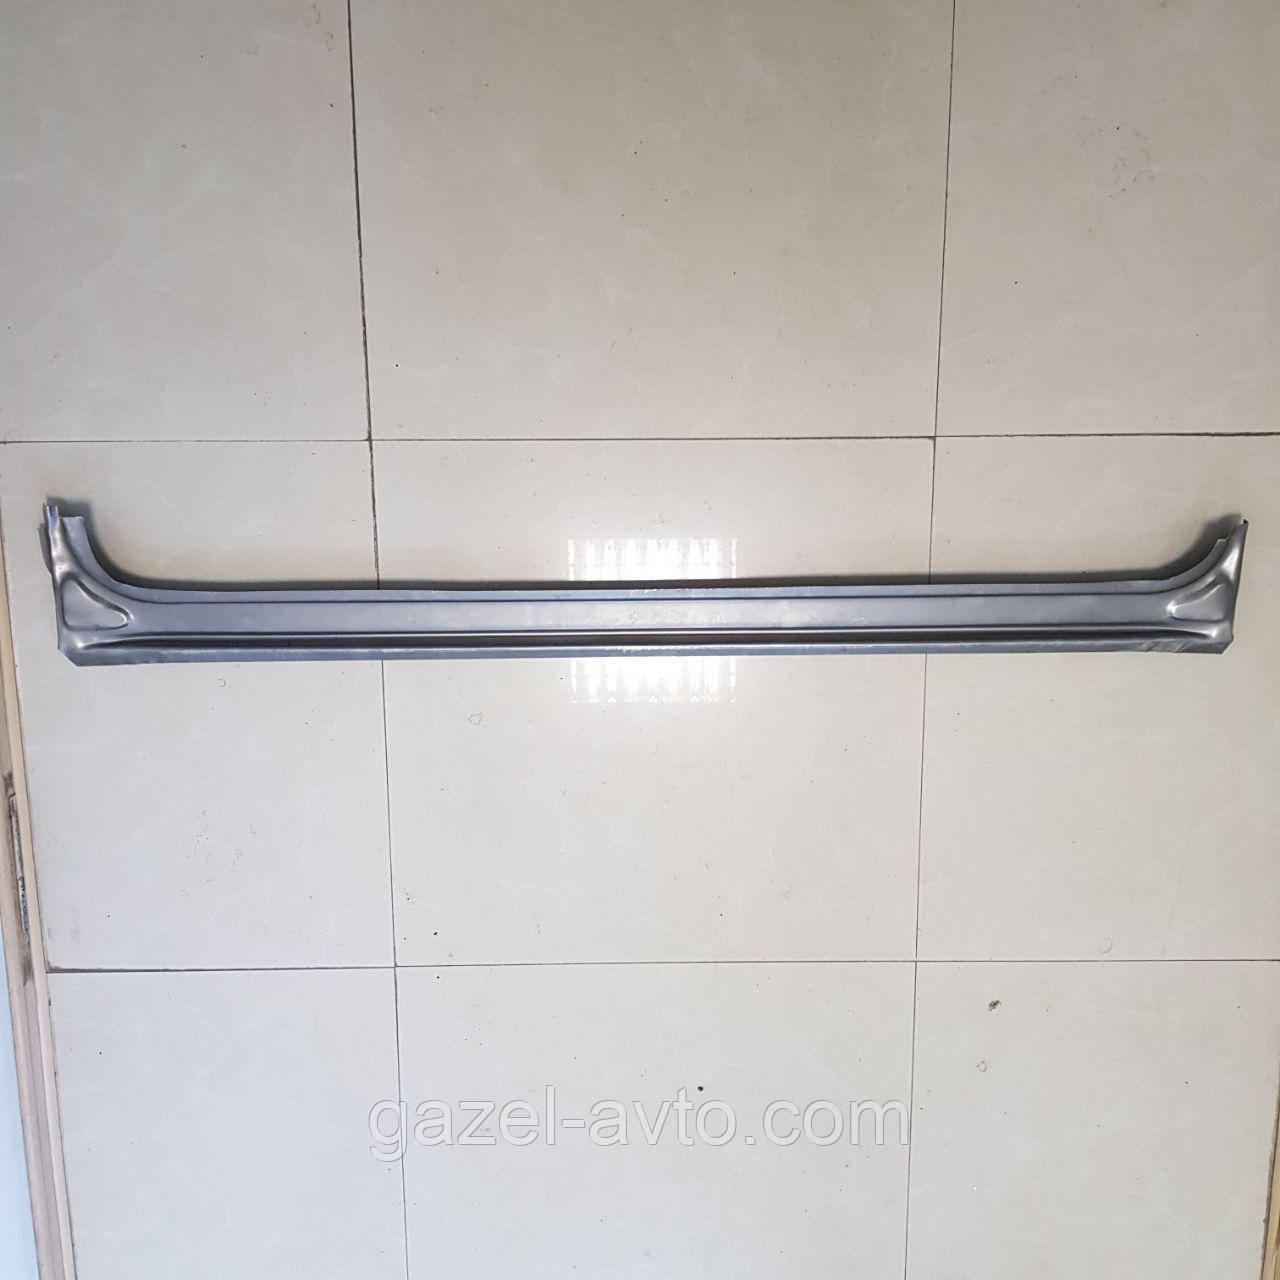 Вставка ремонтная №18 Газель рейка сдвижной двери нижняя (подножка) (пр-во Россия)